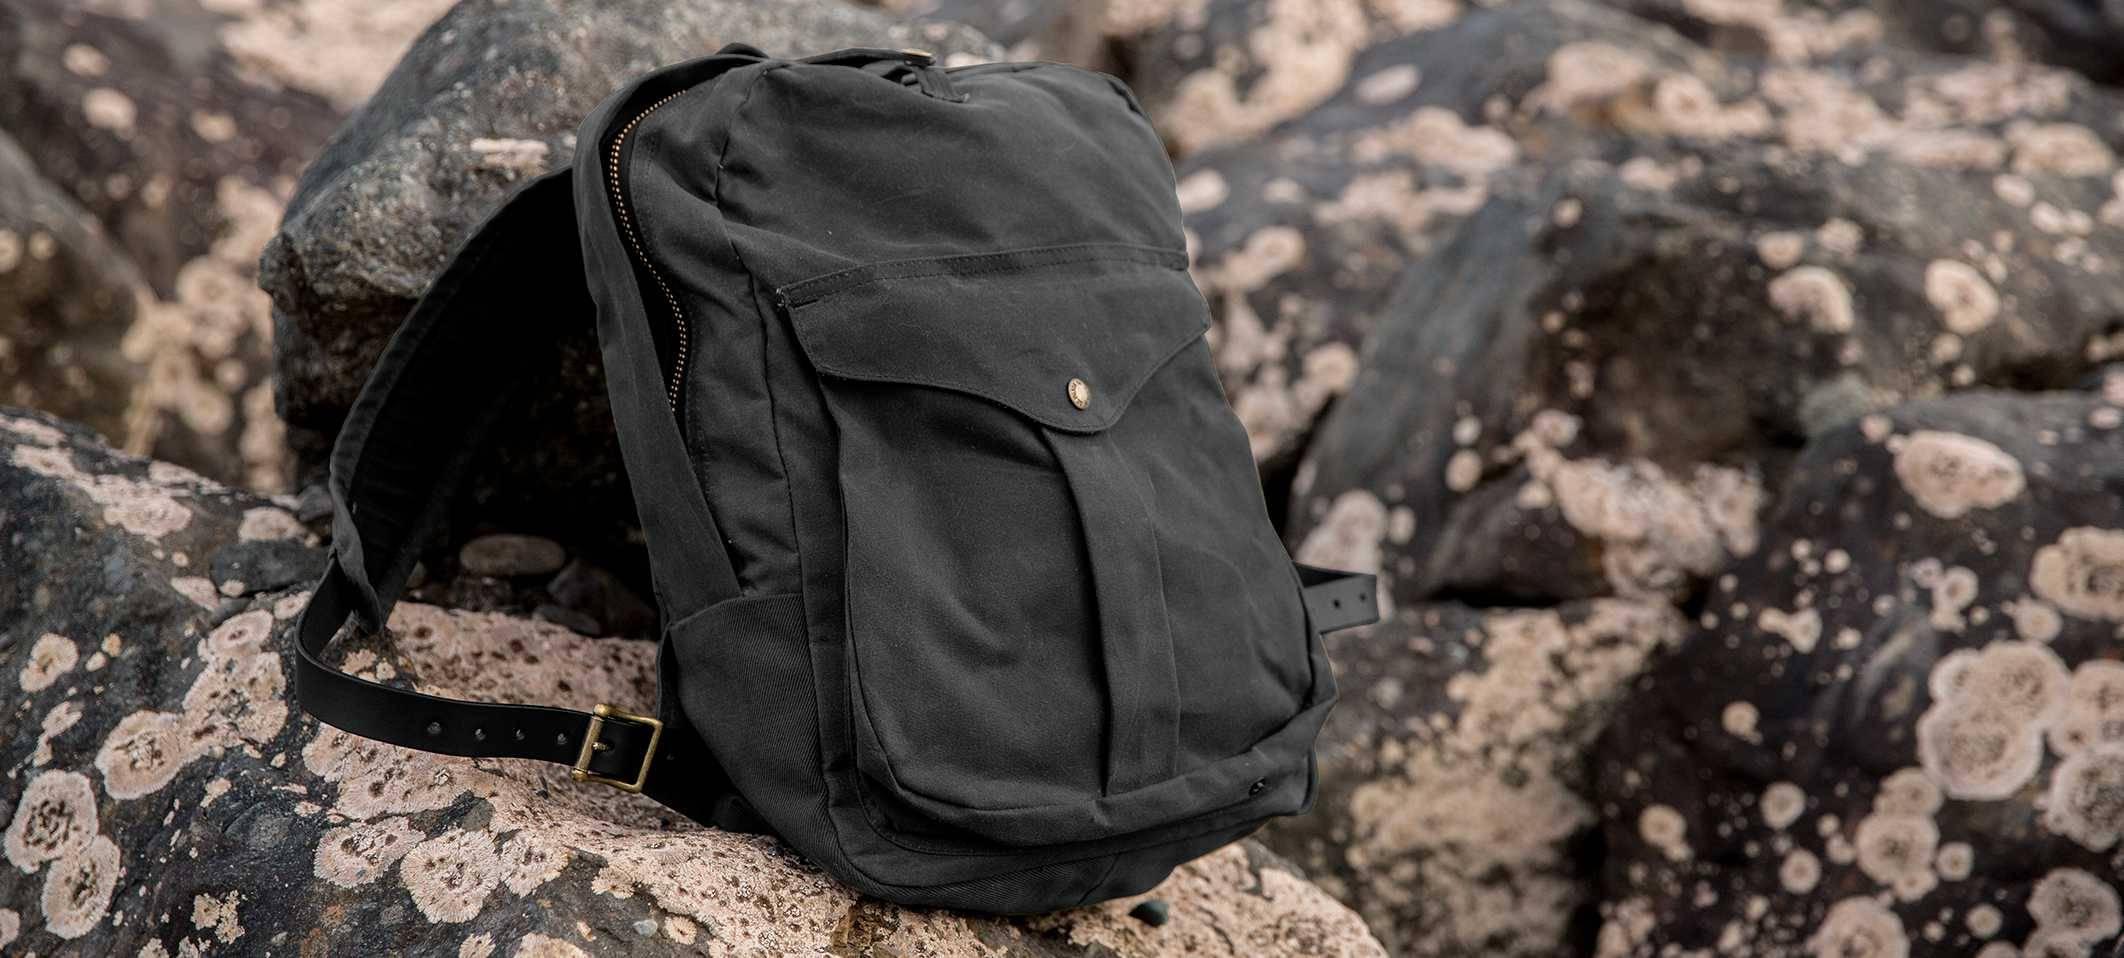 Filson Journeyman Backpack black, your ultimate travelpatrner